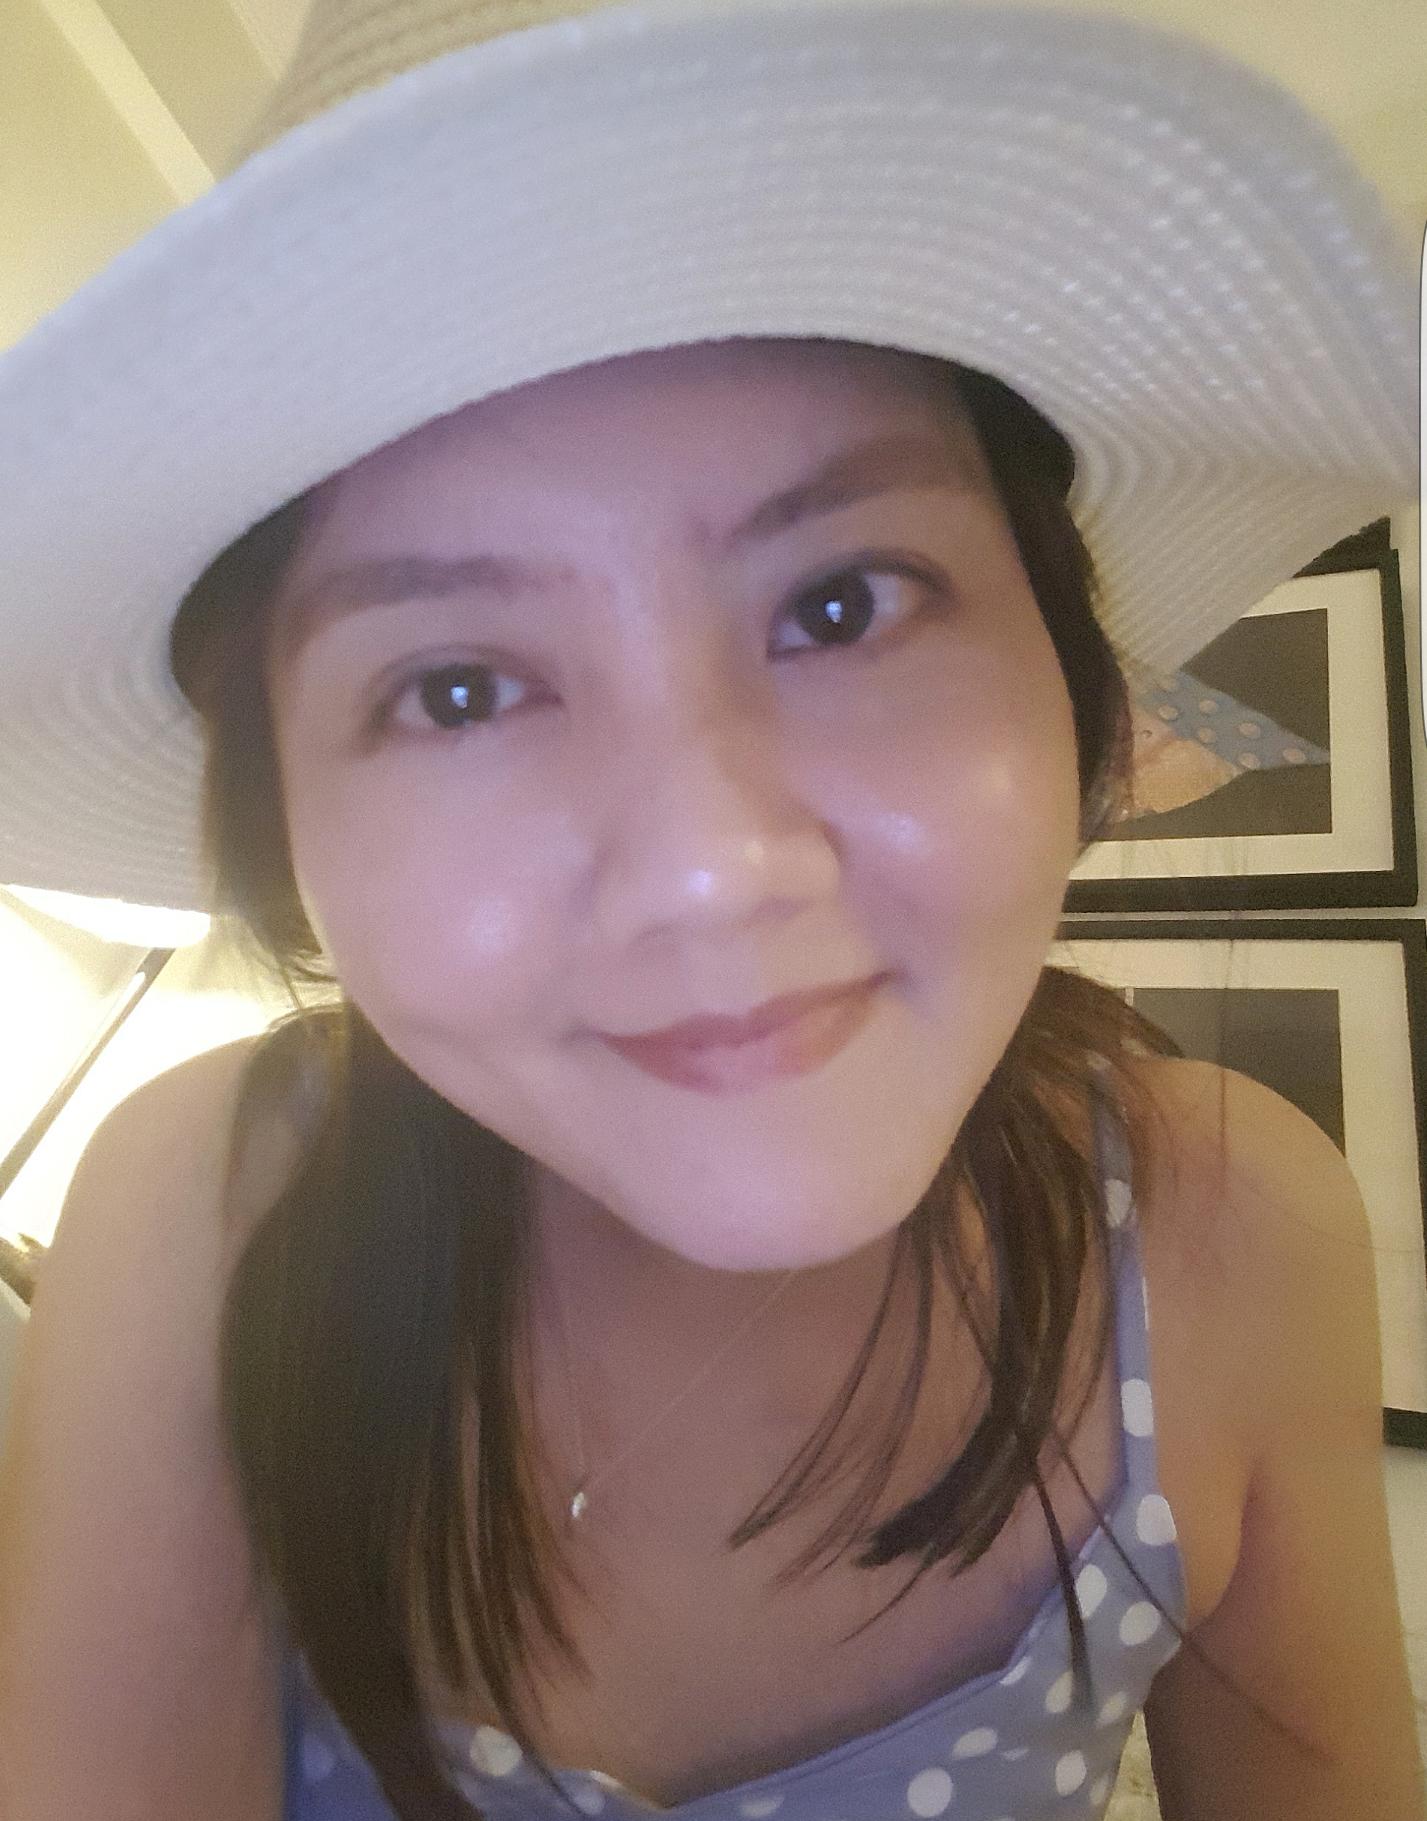 Meetup singapore expat dating 6